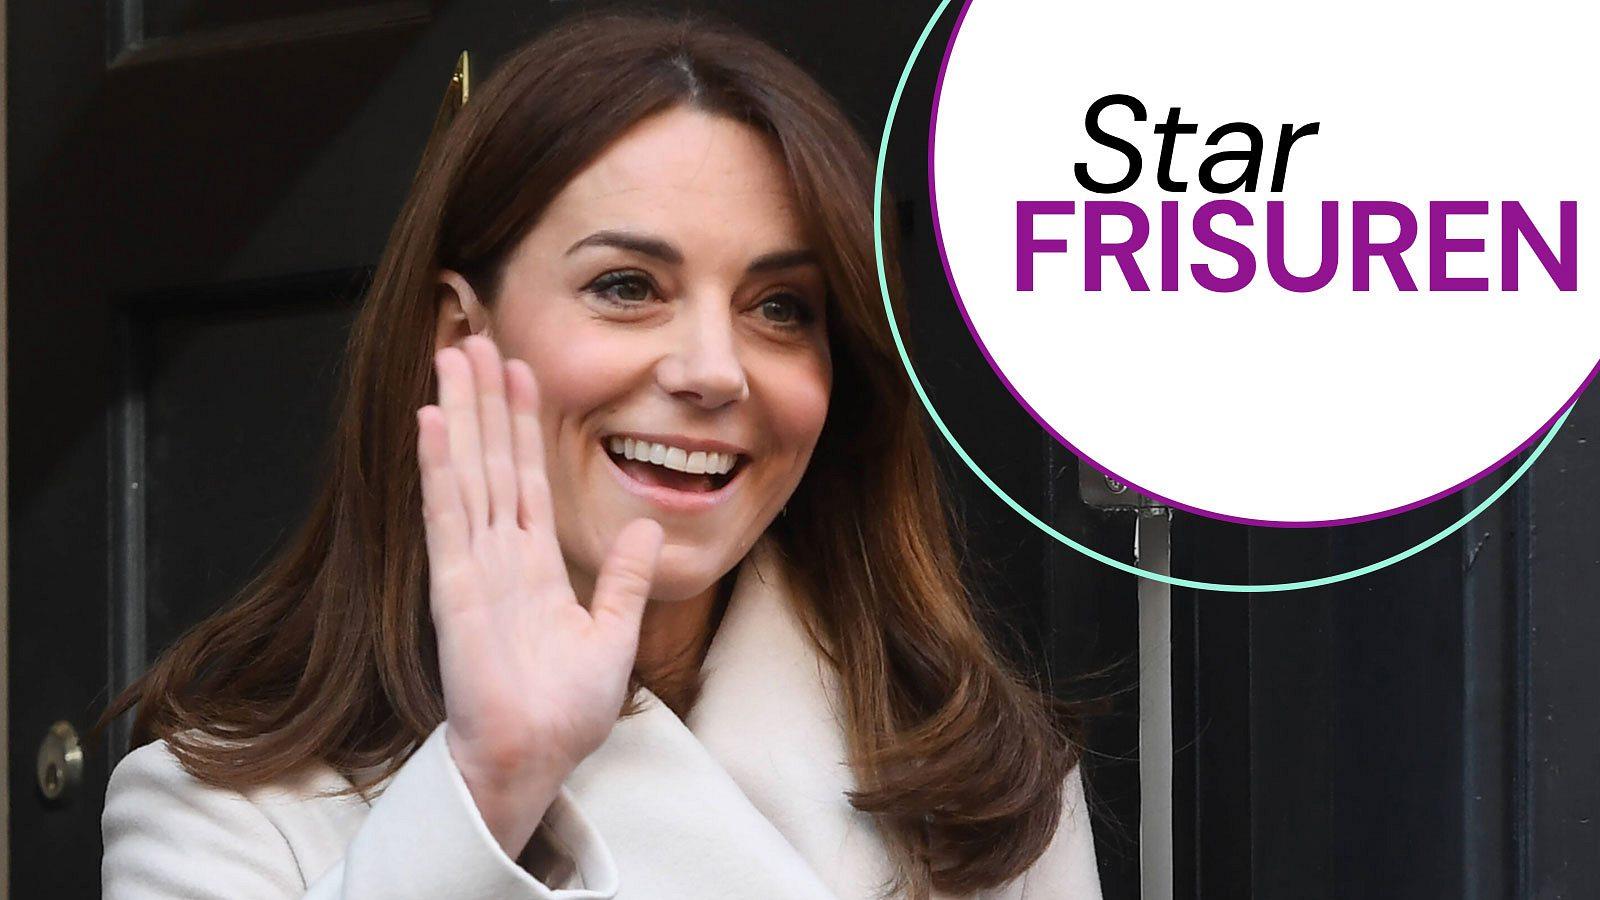 Herzogin Kate: Haar-Hammer! Sie zeigt ihre neue Frisur!